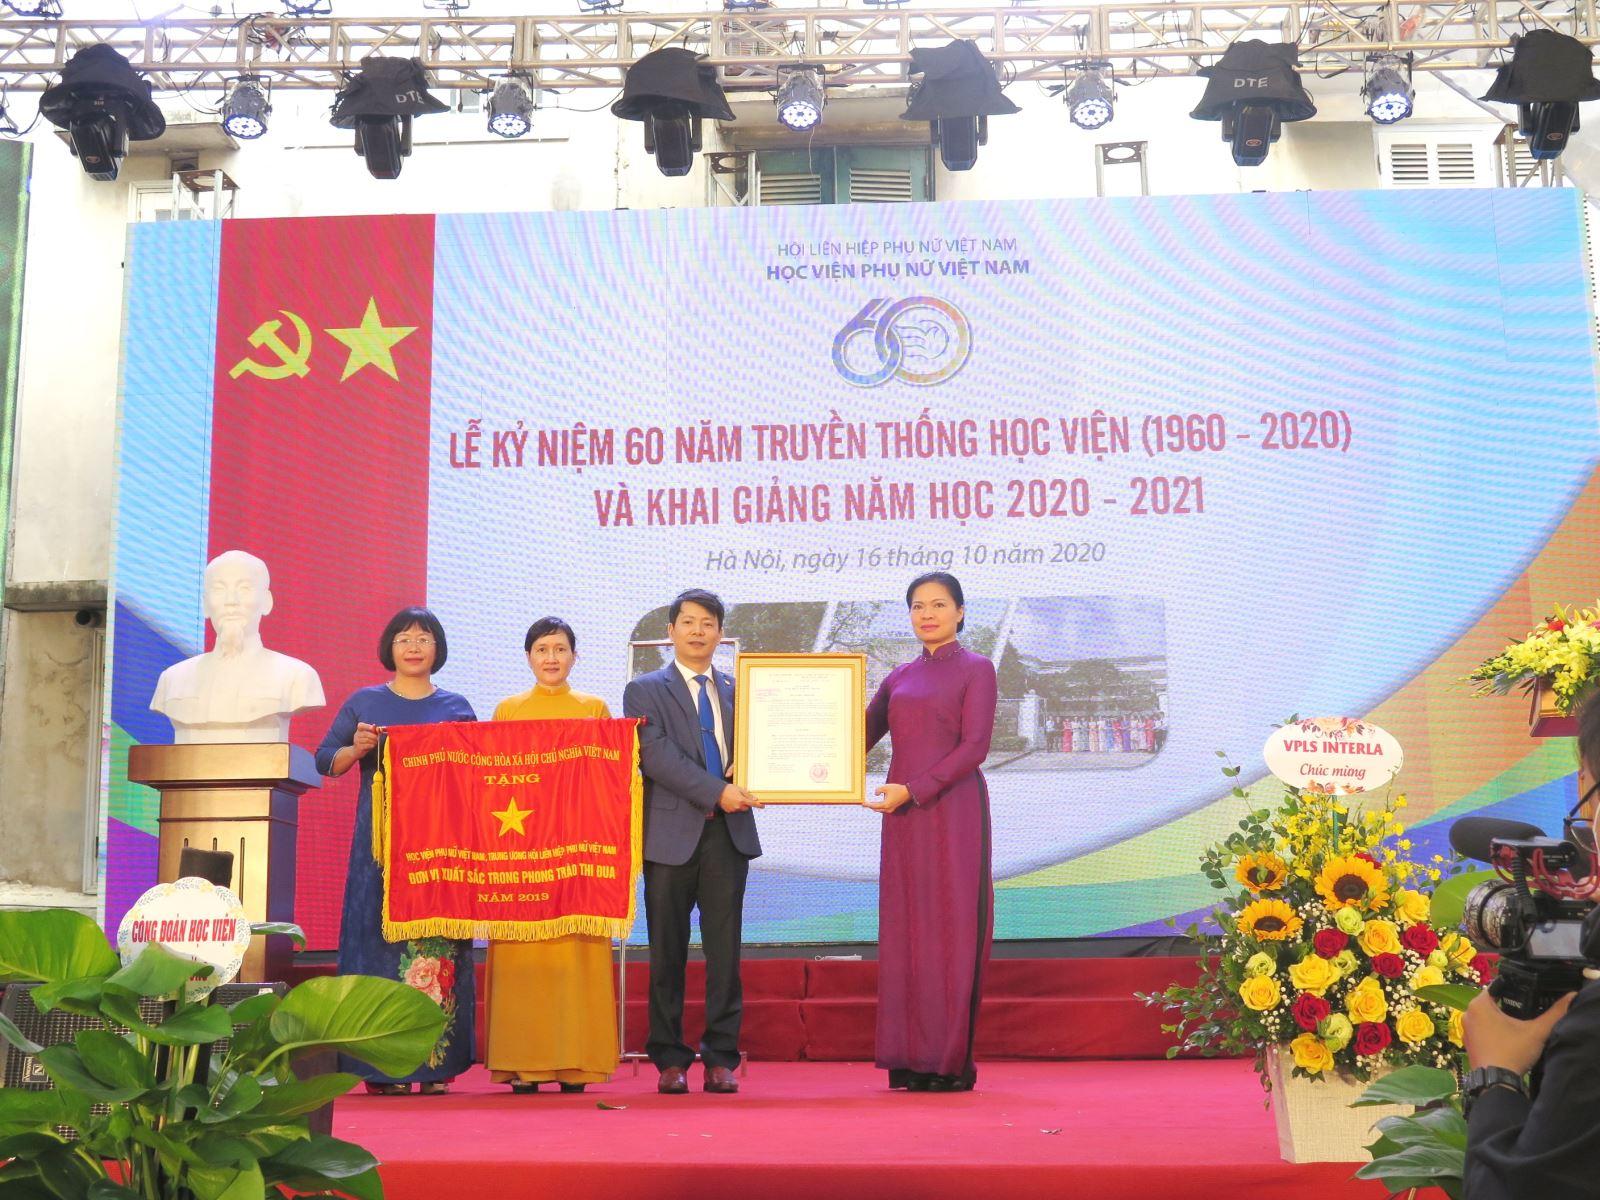 Mục tiêu phát triển của Học viện Phụ nữ Việt Nam giai đoạn 2021 - 2025